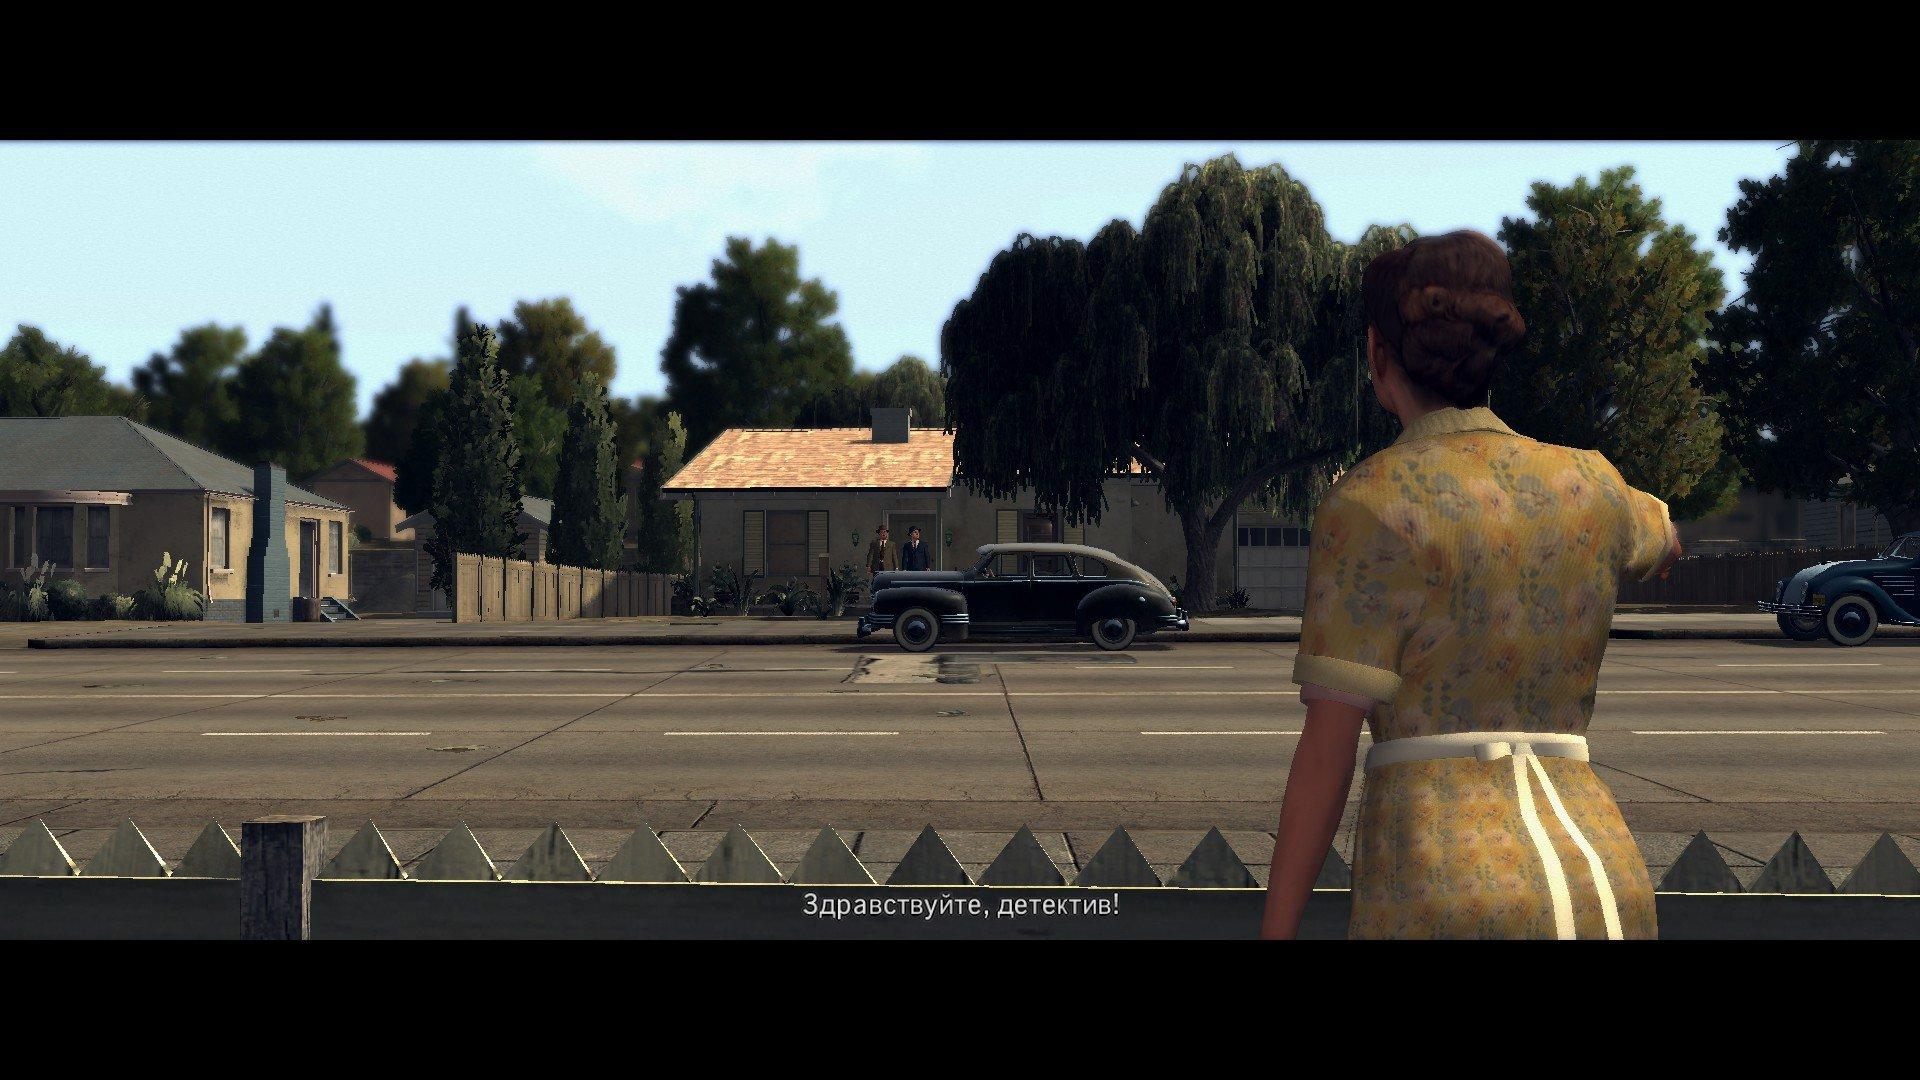 Пост-прохождение L.A. Noire Часть 9 - Изображение 31